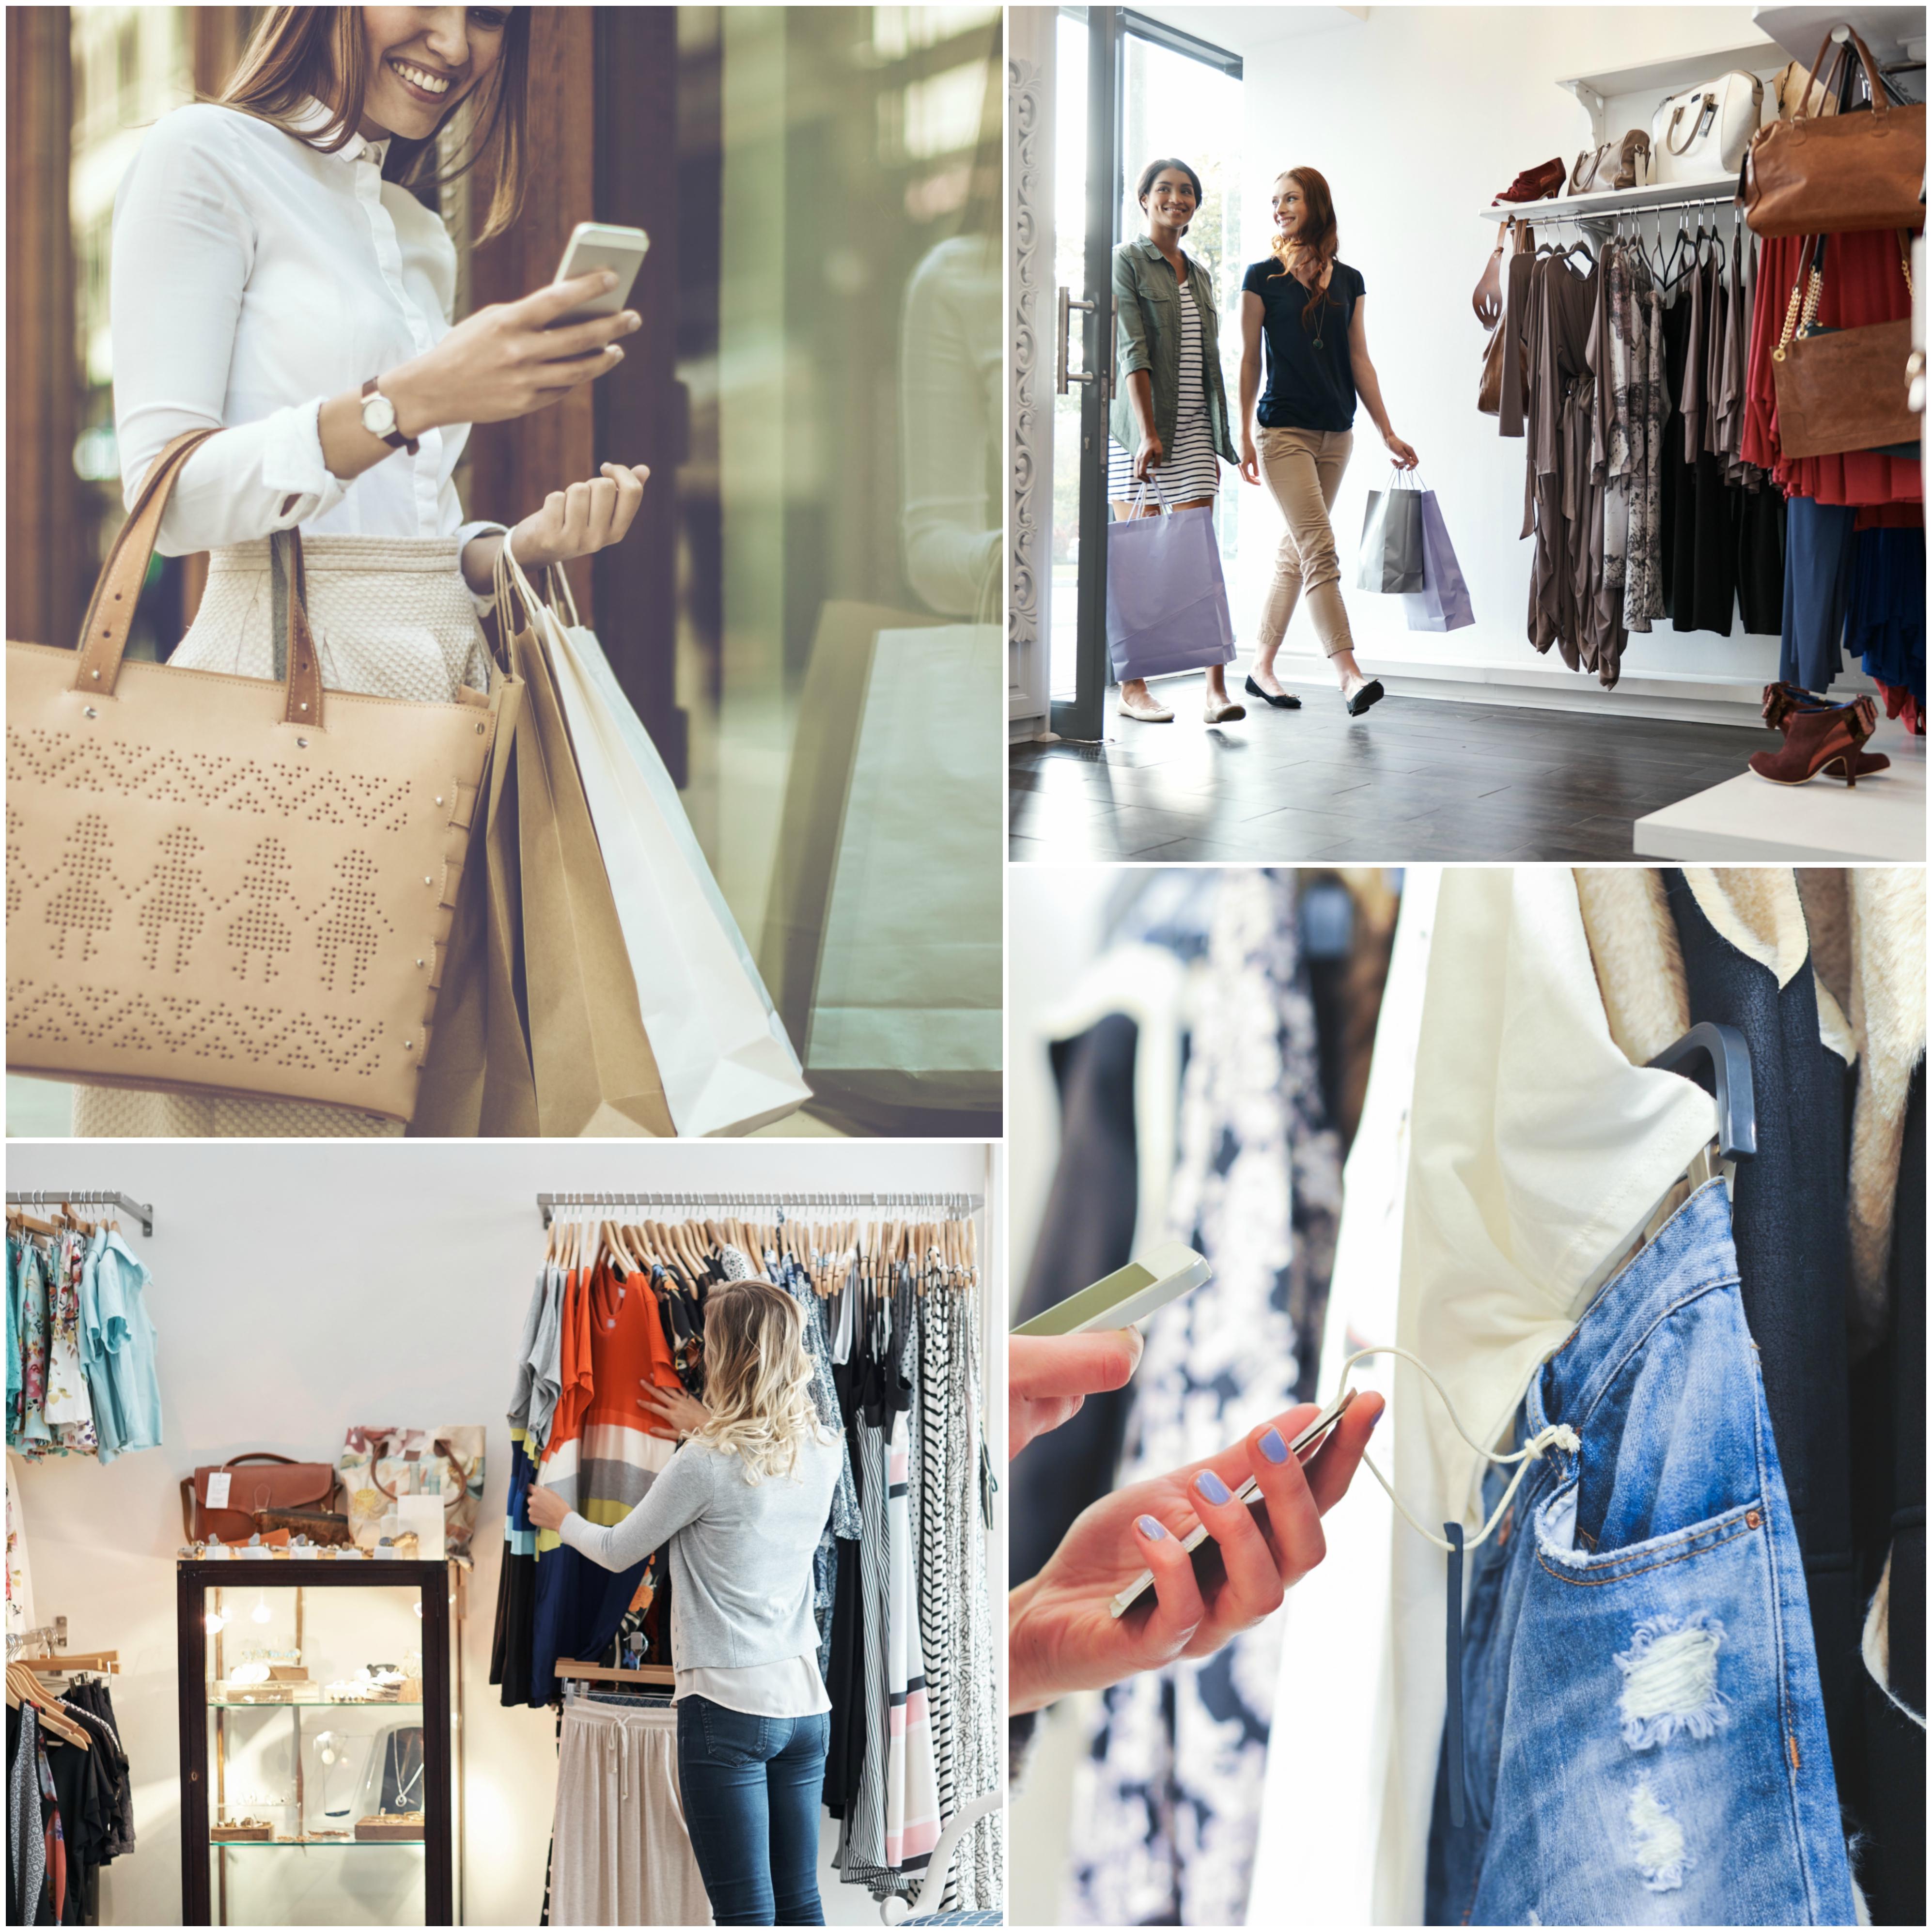 retail consumer goods retail